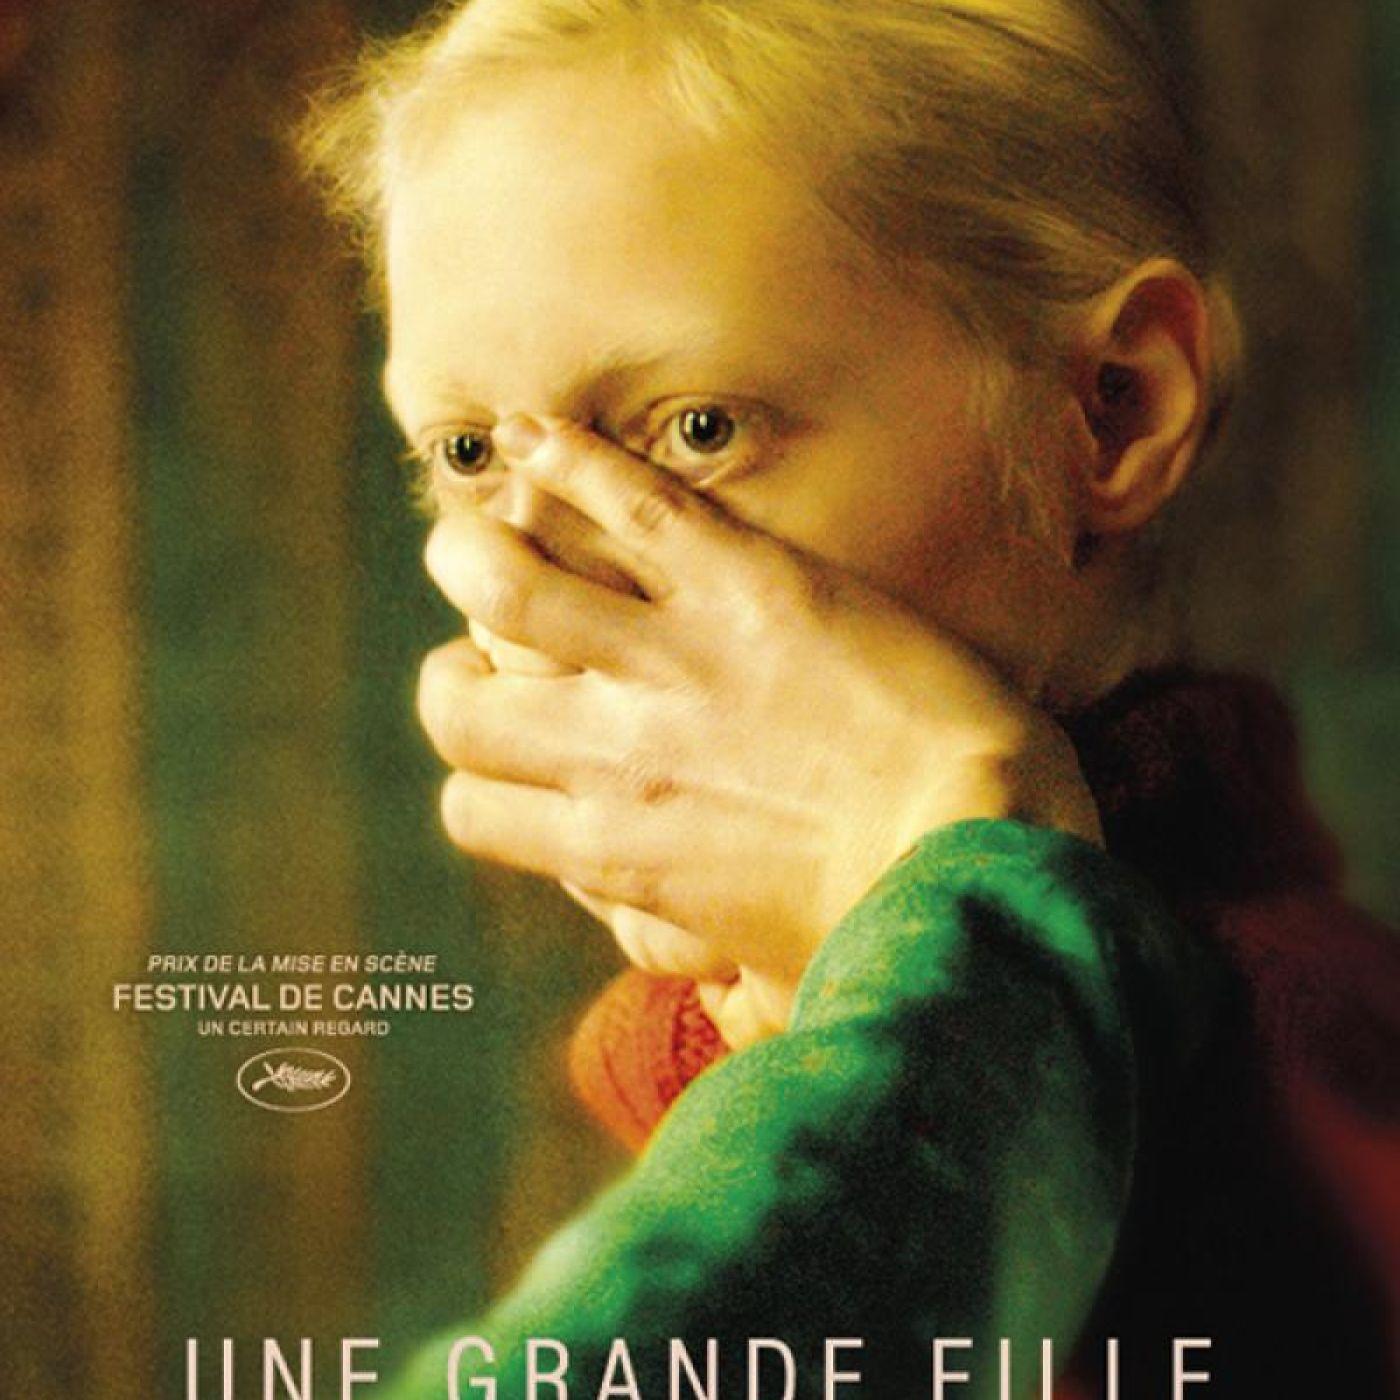 Critique du Film UNE GRANDE FILLE